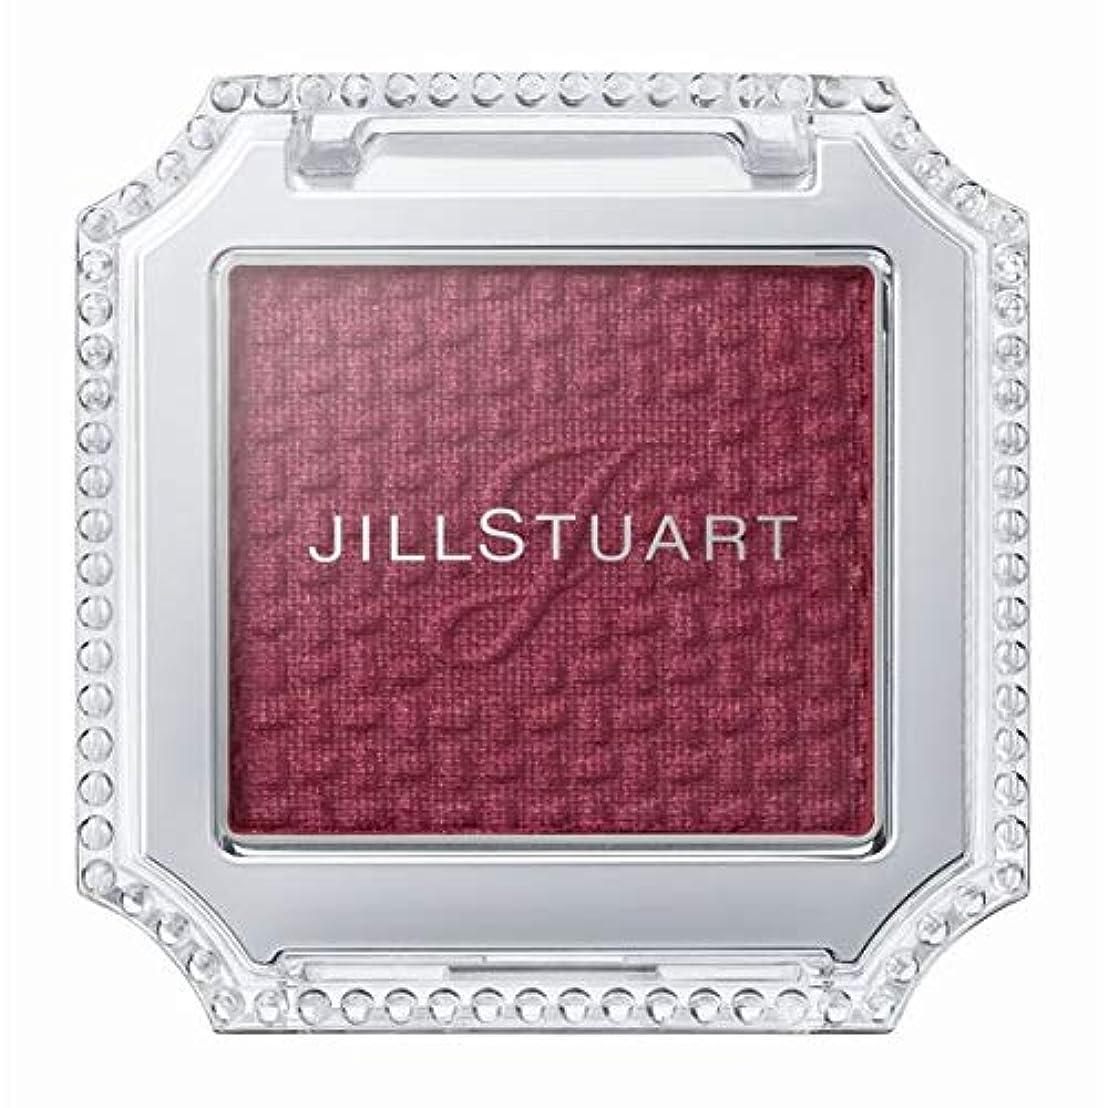 まとめる不規則性説教するジルスチュアート JILL STUART アイコニックルックアイシャドウ #M402 into you 1.5g